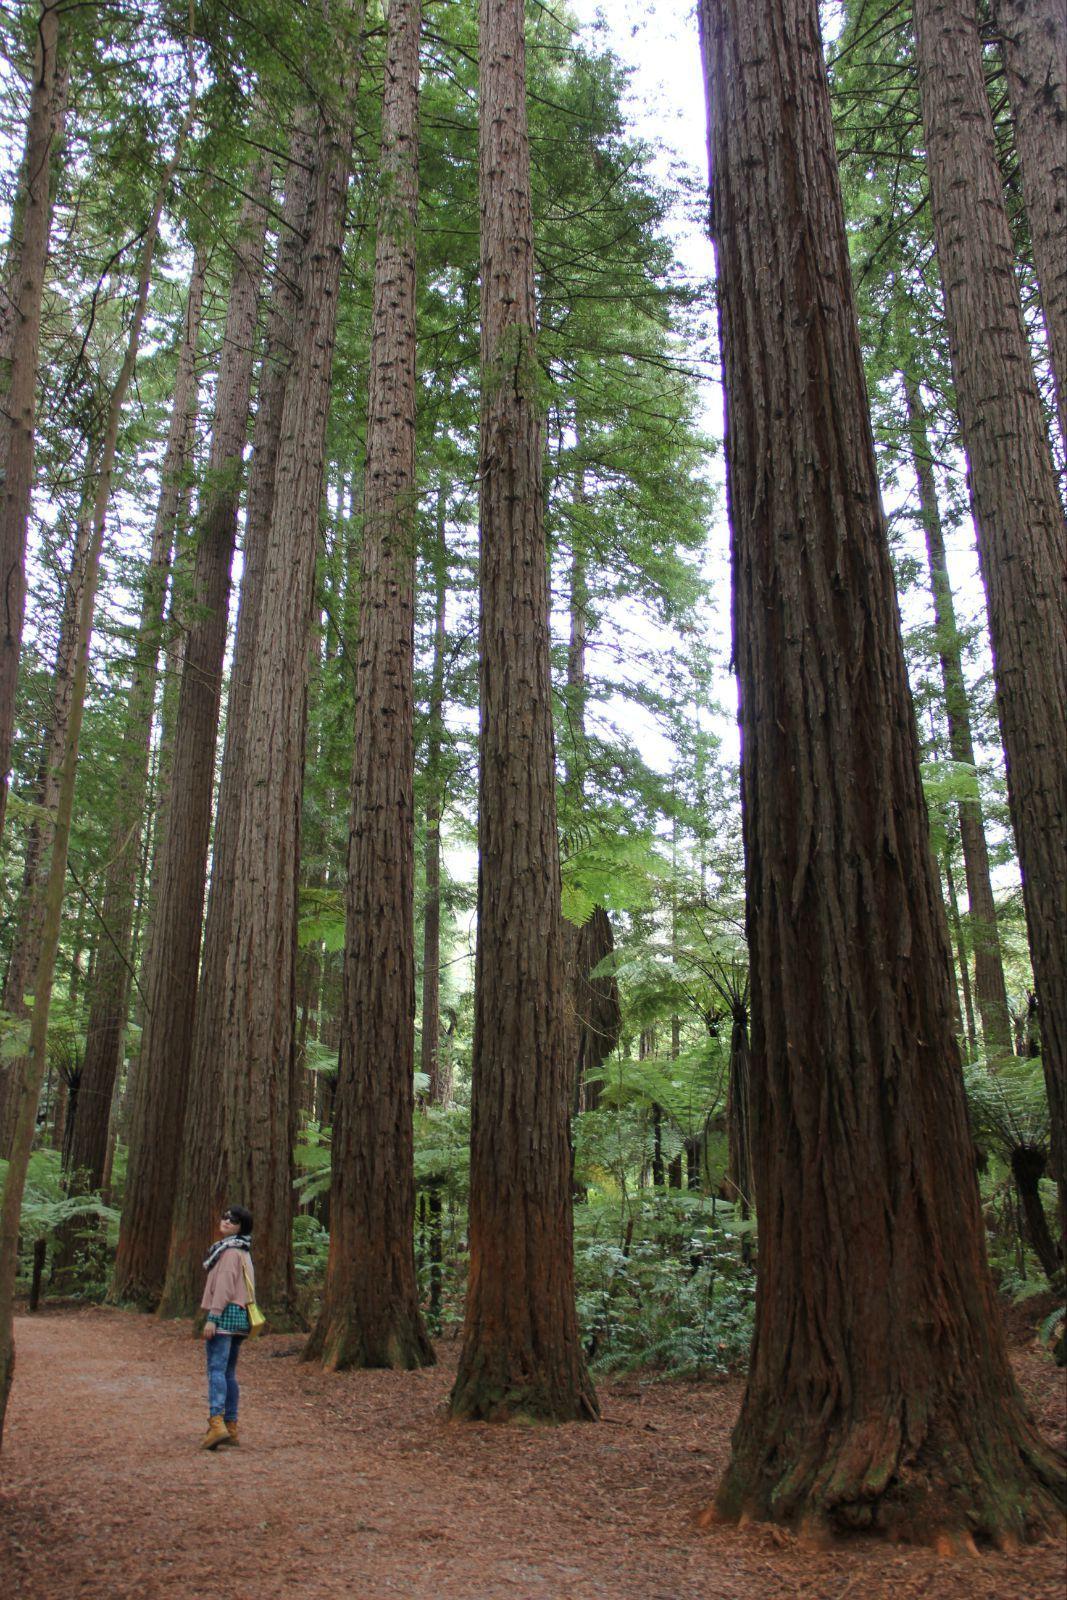 都是參天大樹,美國那個紅杉樹林我也很向往